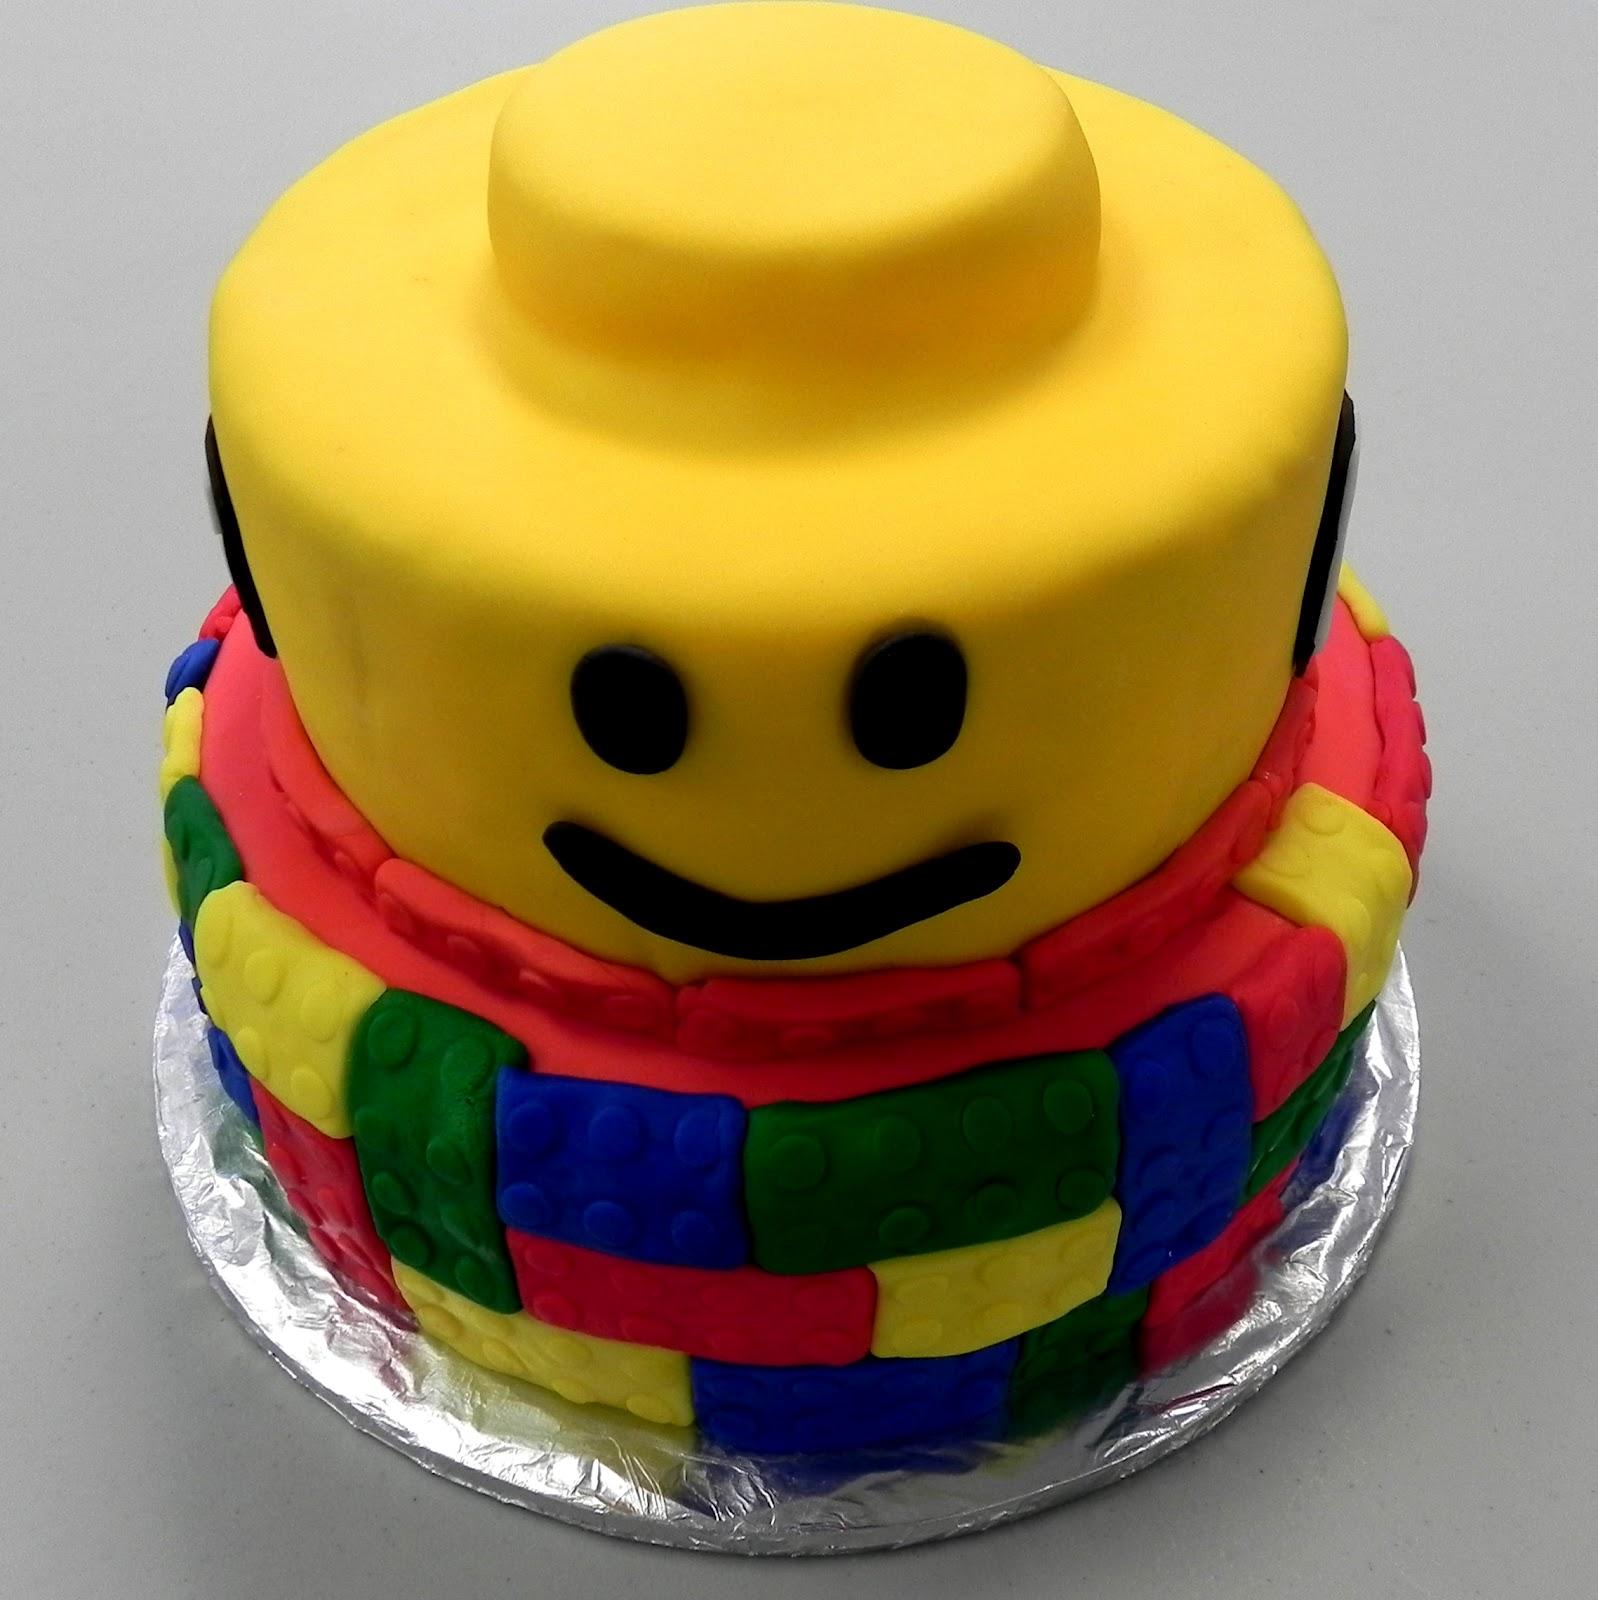 Cool 11 Lego Birthday Cakes With Theme Photo Lego Birthday Cake Lego Funny Birthday Cards Online Fluifree Goldxyz